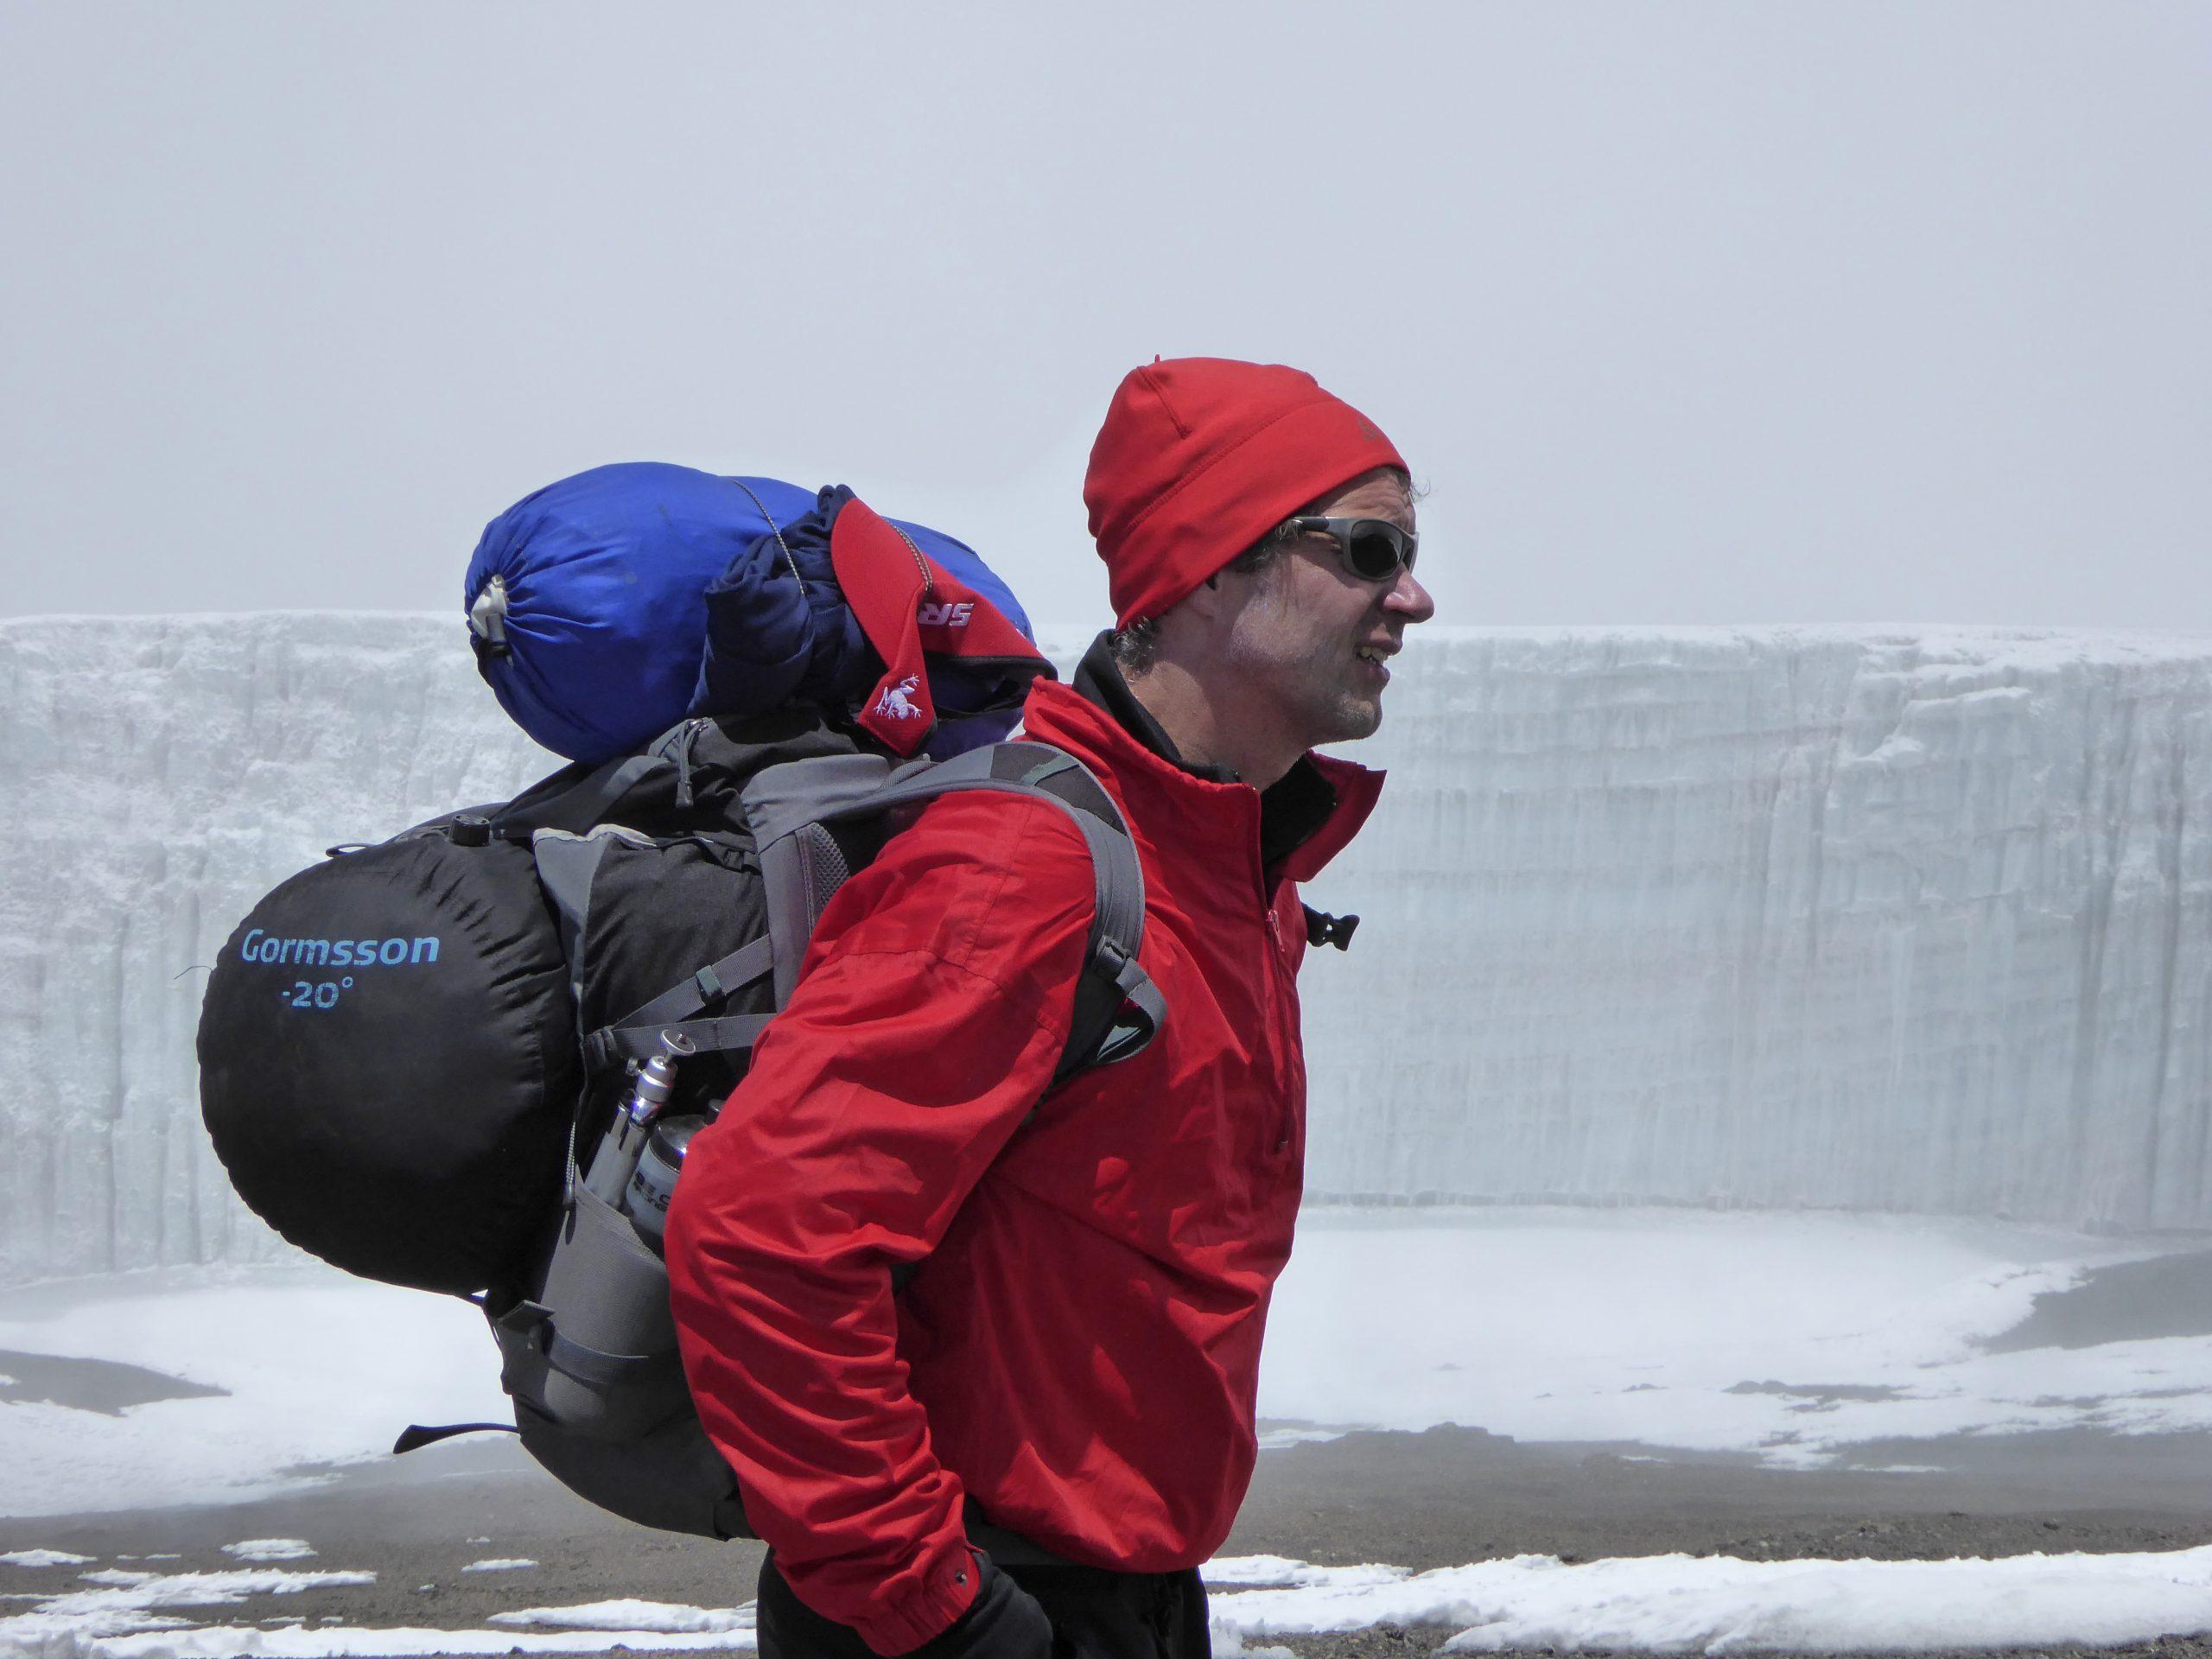 Radreise Afrika 2014 - Kilimanjaro - Kersten-Gletscher